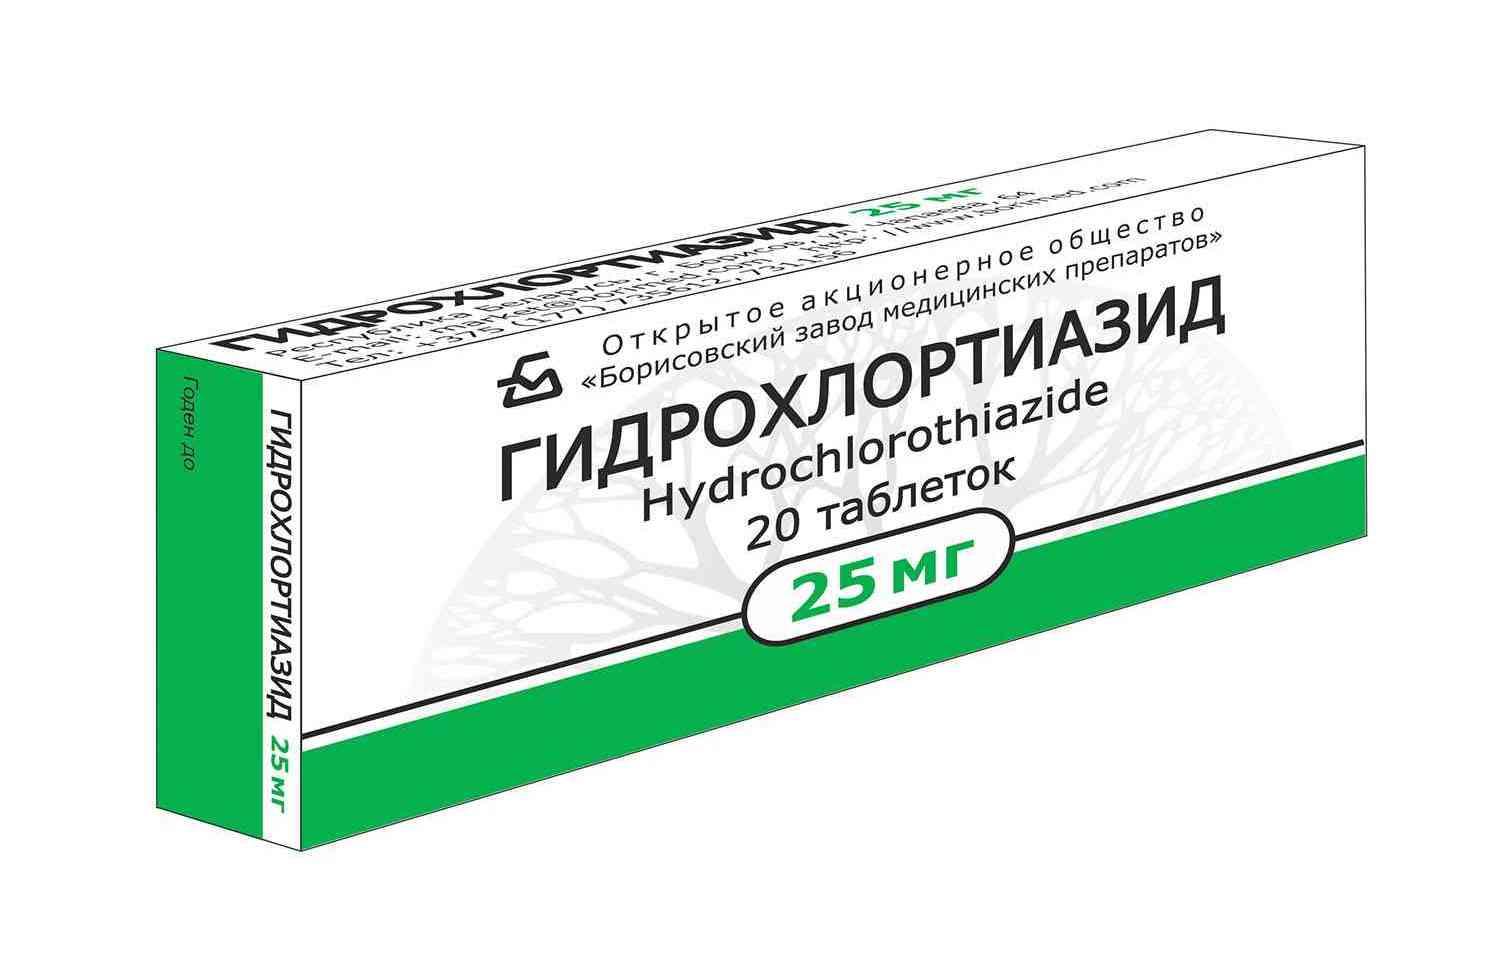 Magas vérnyomású gyógyszerek osztályozása. Vérnyomáscsökkentő gyógyszerek – Wikipédia